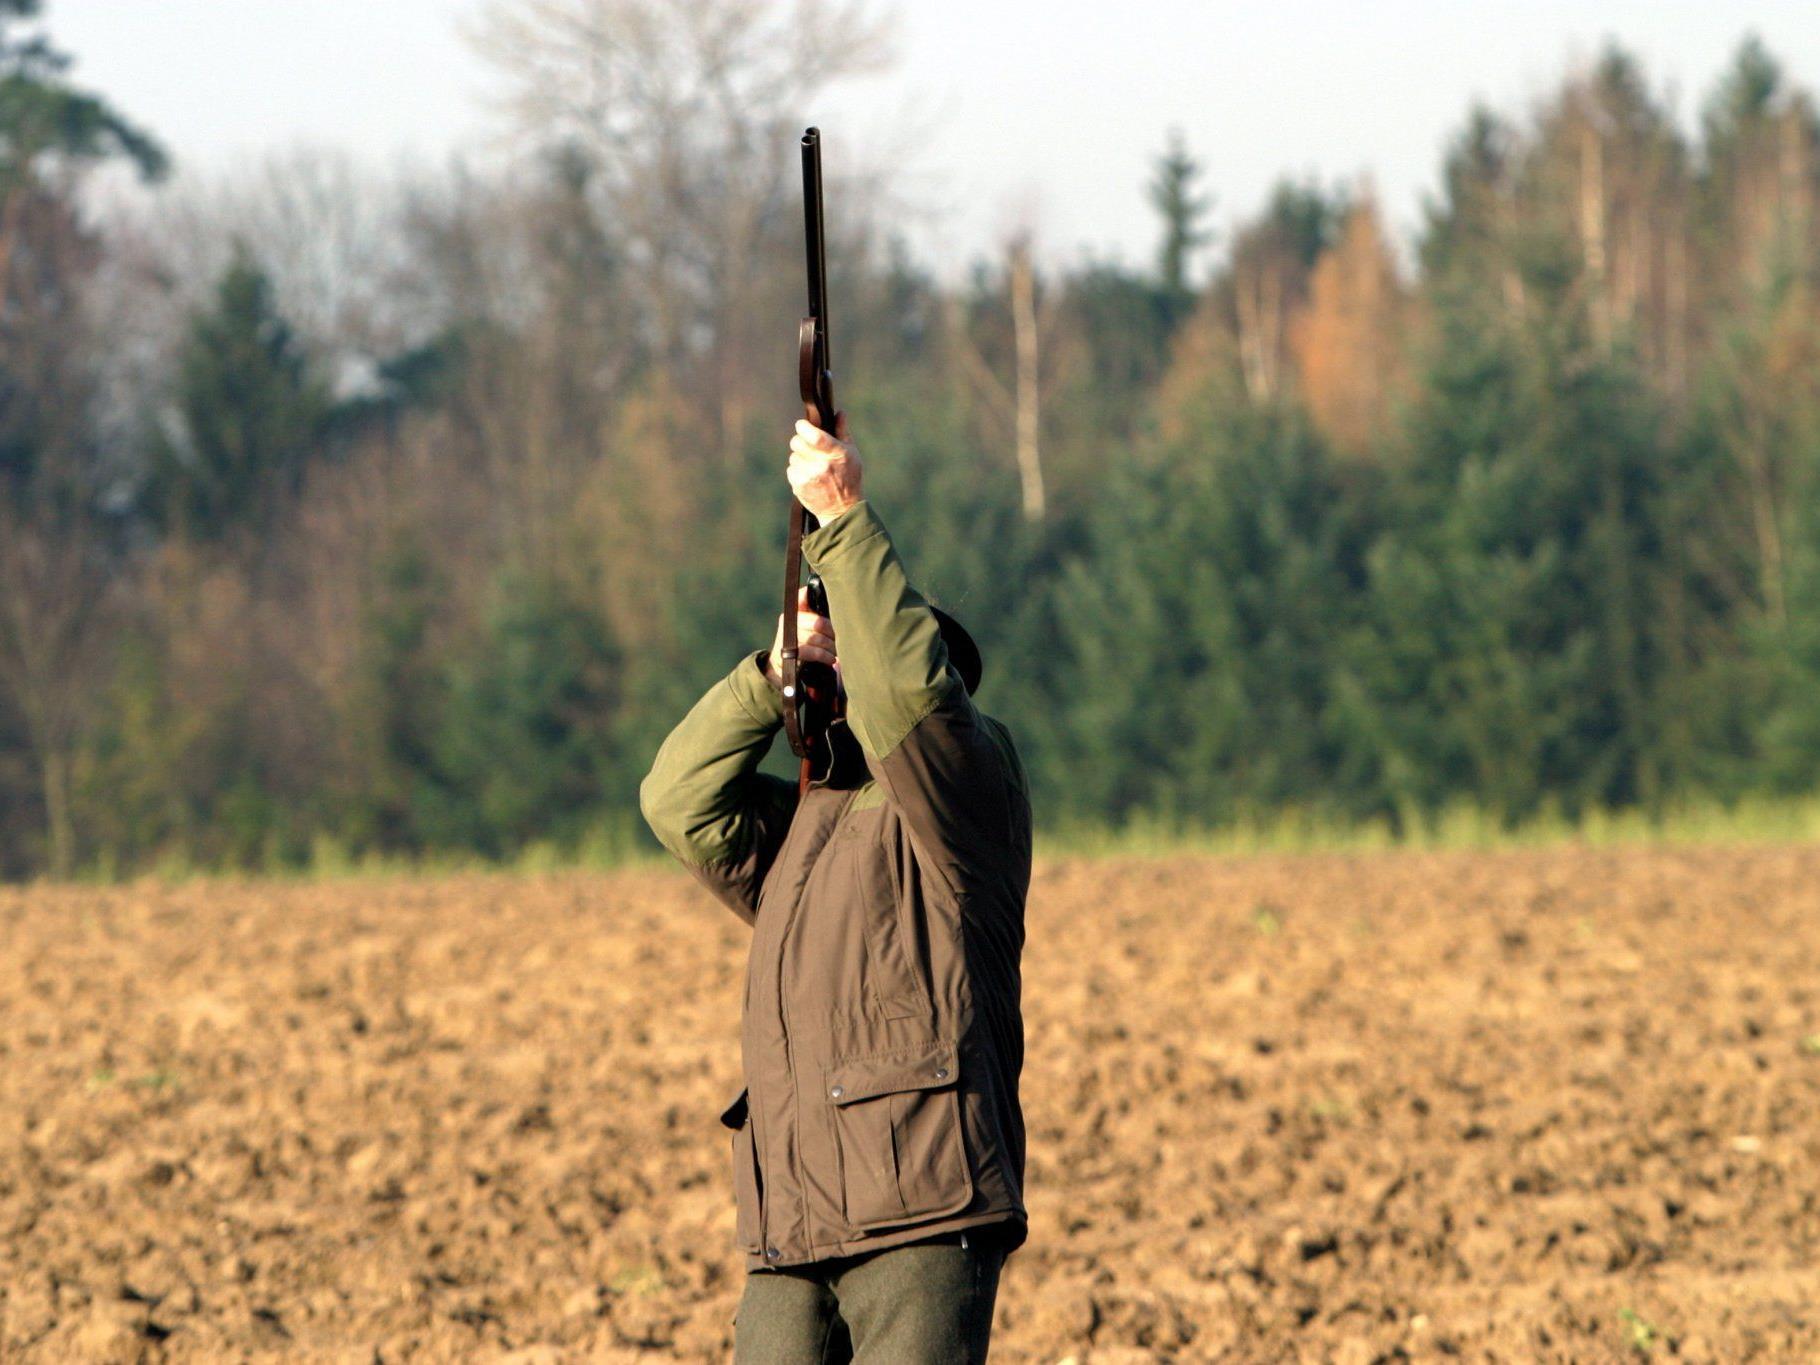 Ein 38-jähriger Jäger wurde von einer Schrotkugel im Auge schwer verletzt.